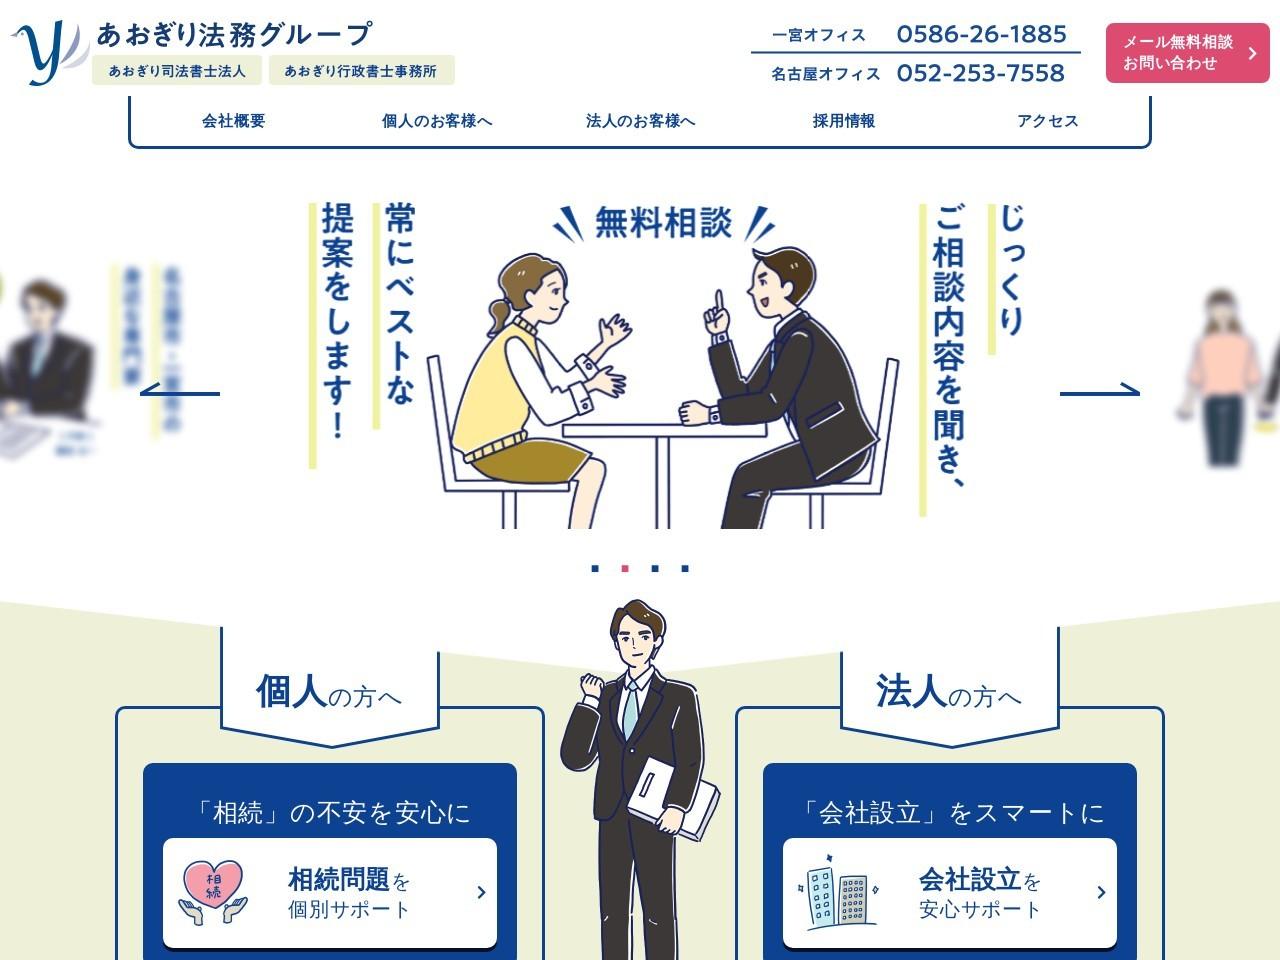 あおぎり(司法書士法人)